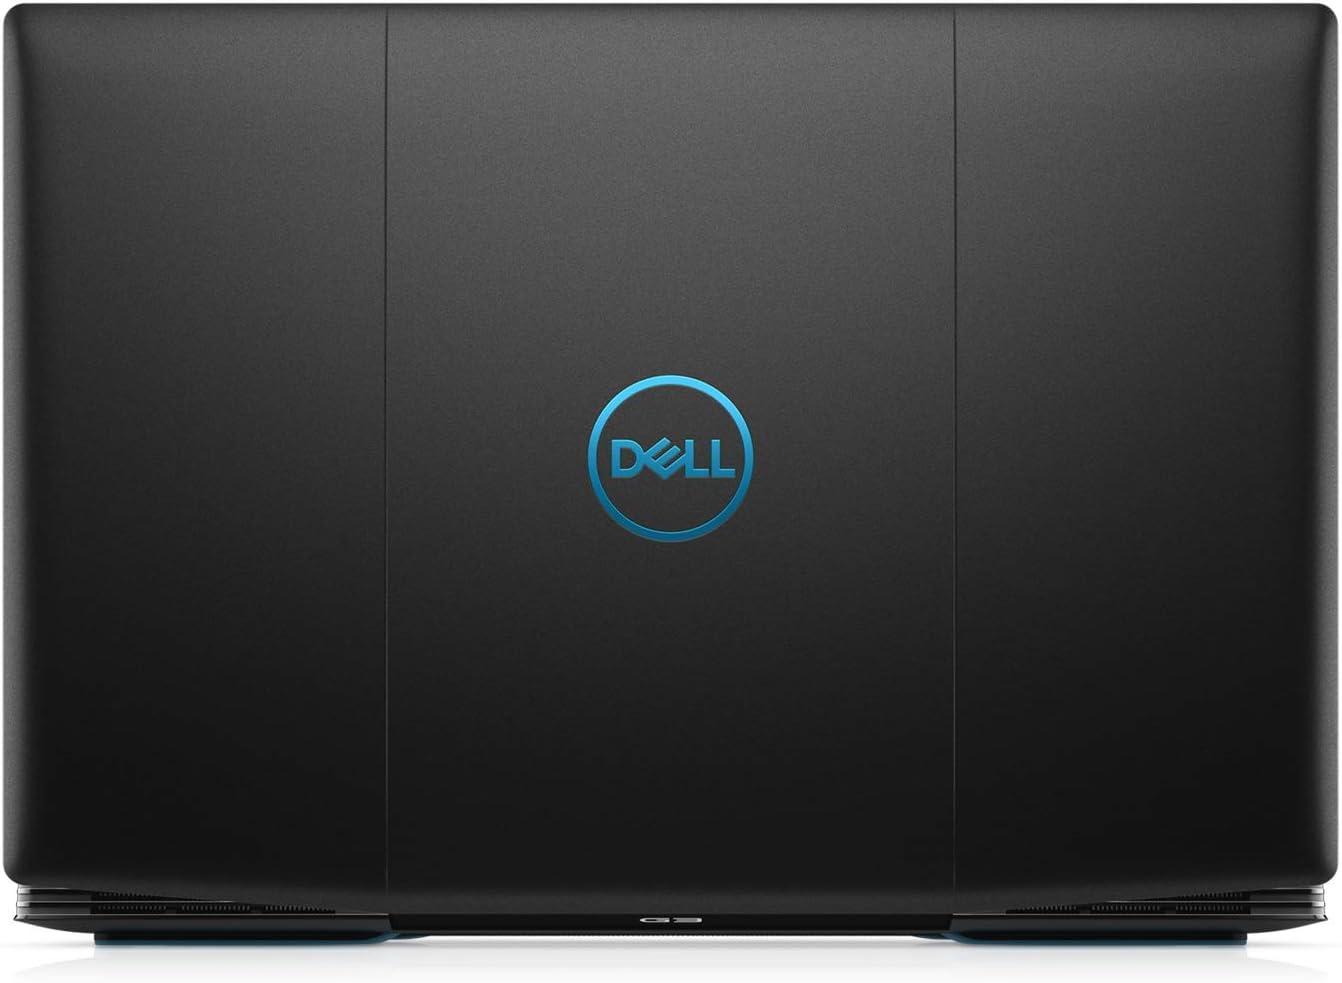 """Dell G3 15 3590 Laptop: 9th Generation Core i5-9300H, 512GB SSD, NVidia GTX 1660 Ti 6GB, 15.6"""" Full HD Display, 8GB RAM, Backlit Keyboard"""